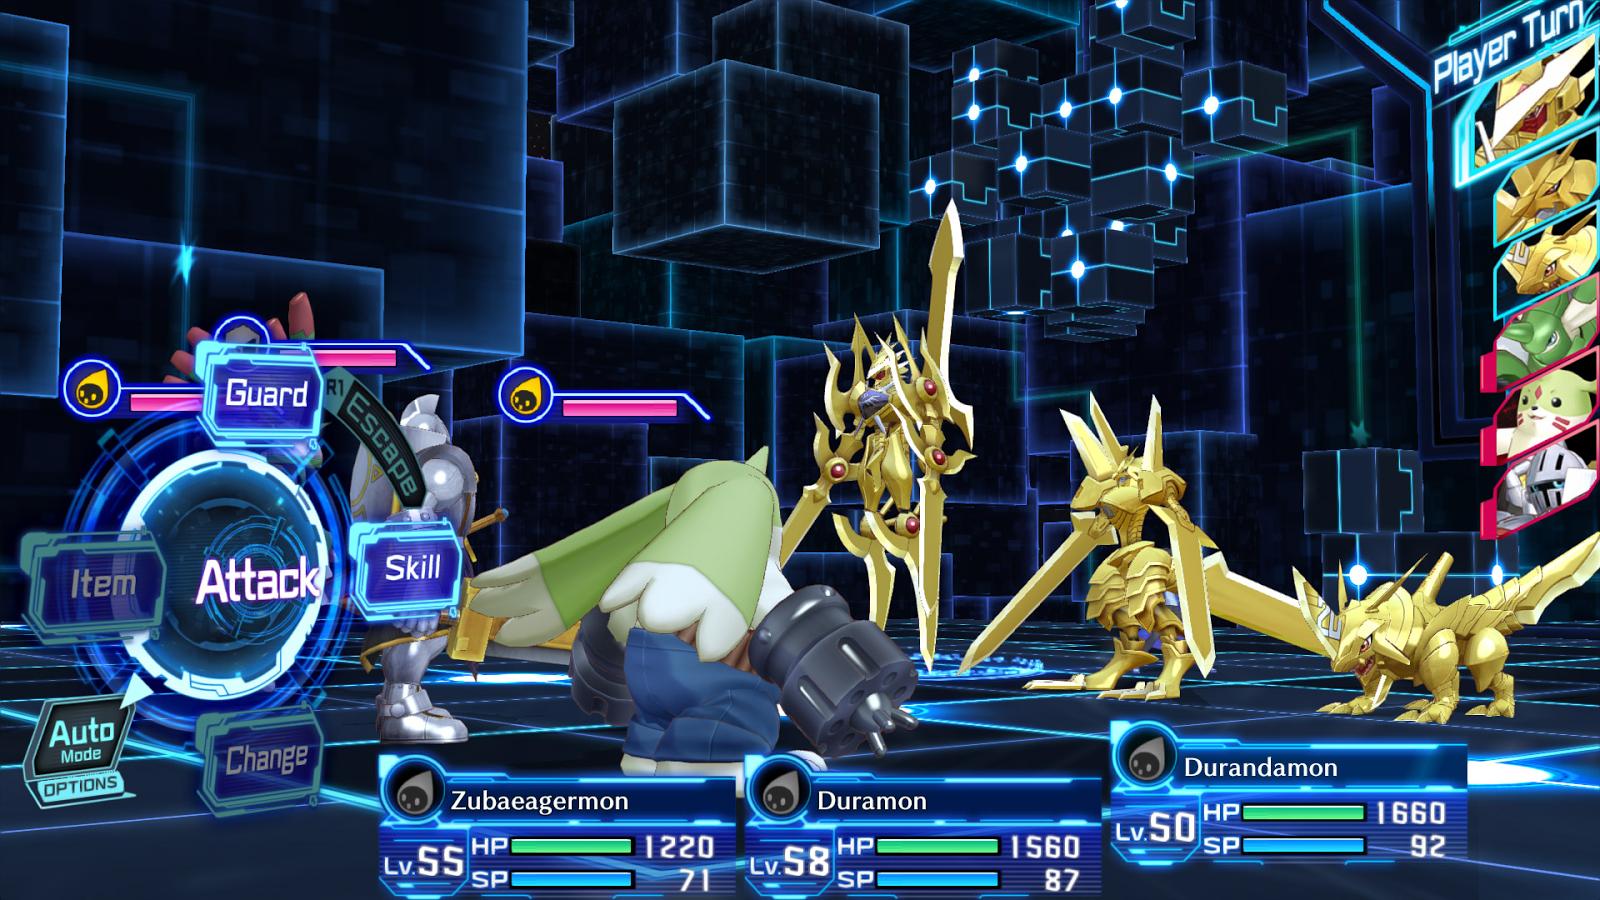 Digimon Story: Hacker's Memory contará con Duramon y sus evoluciones